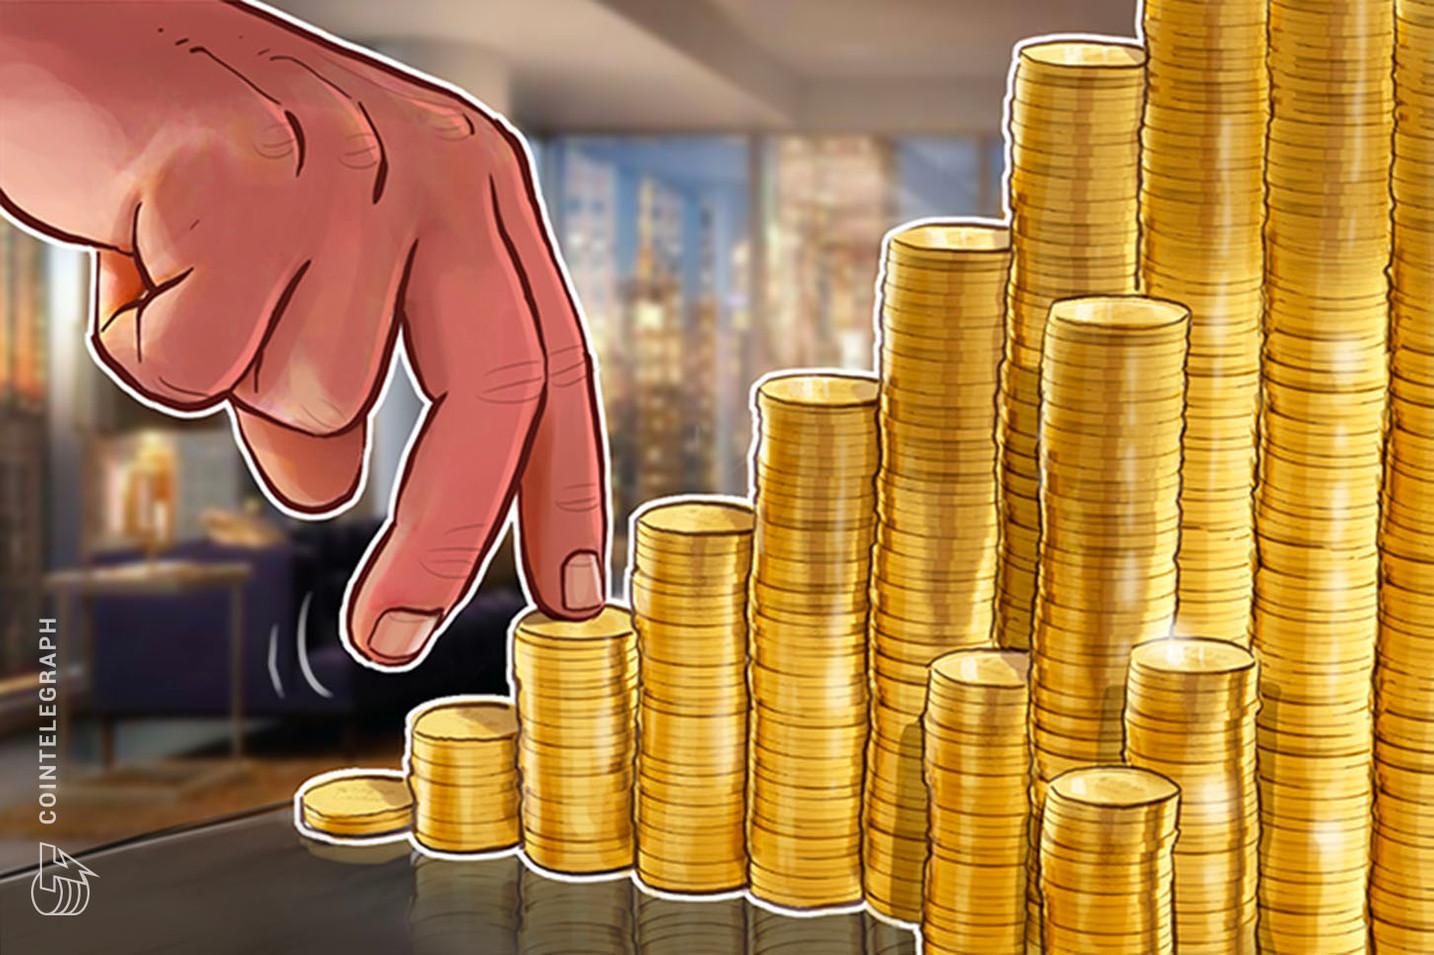 Andreessen Horowitz und Polychain Capital leiten Finanzierungsrunde für Blockchain-Start-up